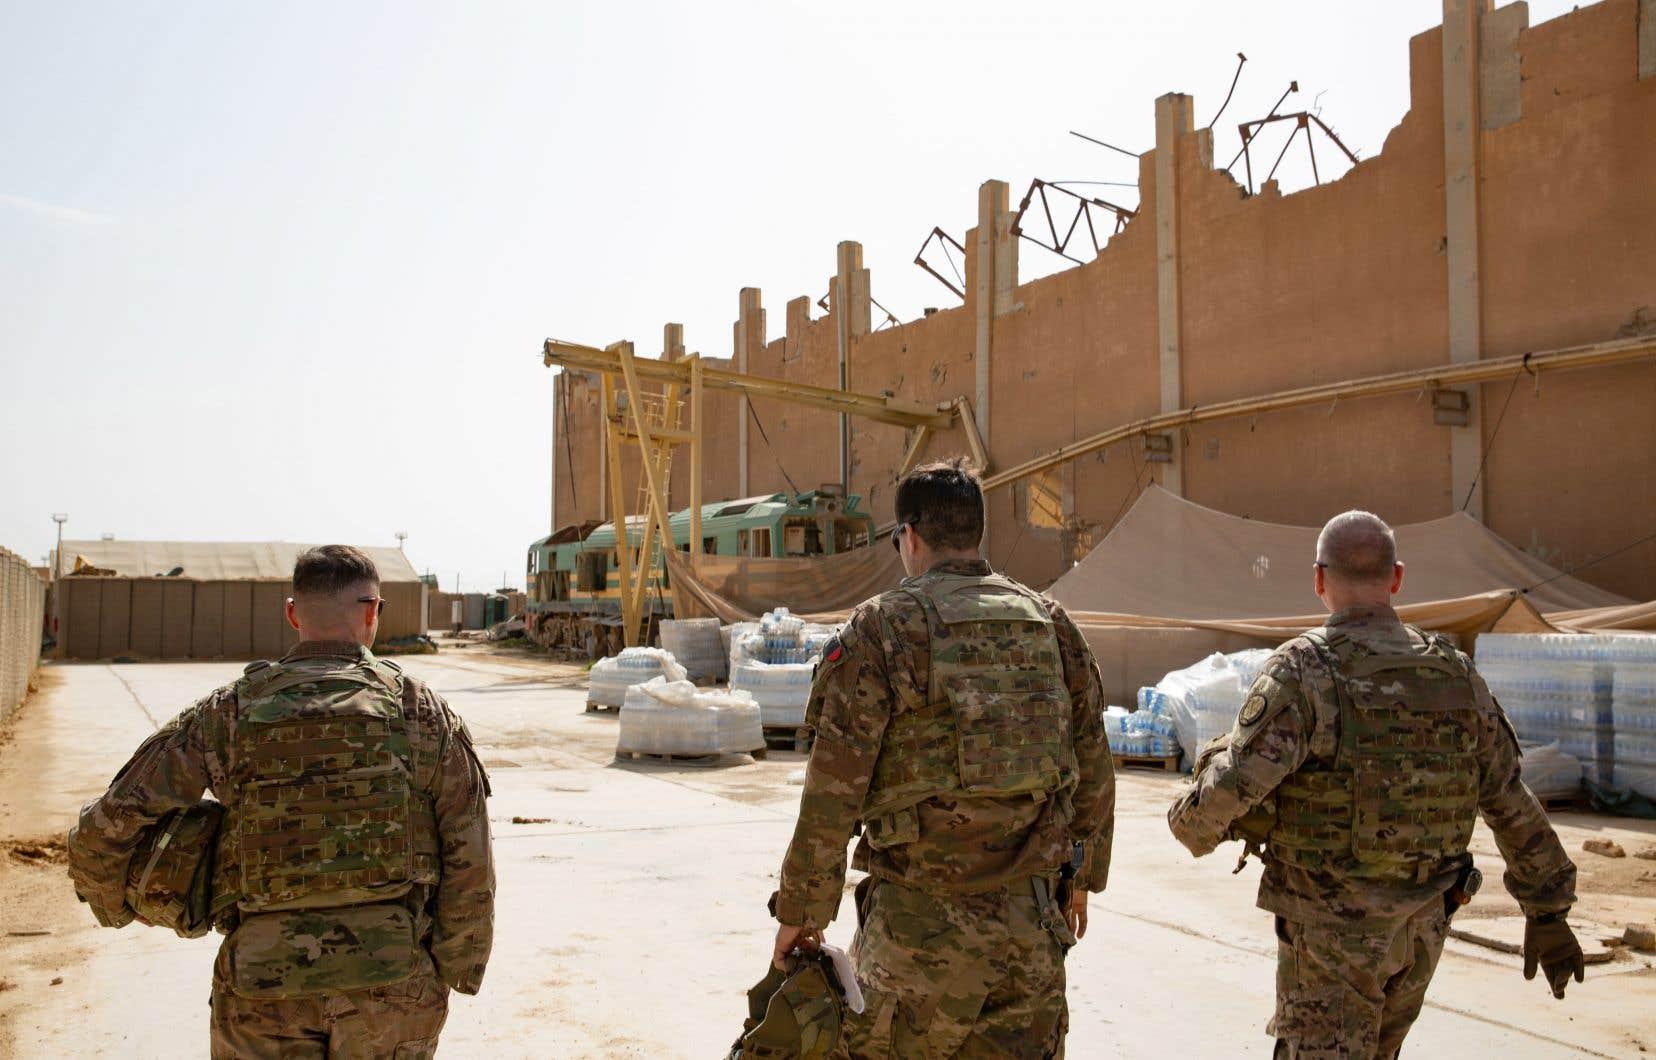 Ce repositionnement intervient alors que les attaques contre les troupes de la coalition se sont multipliées.